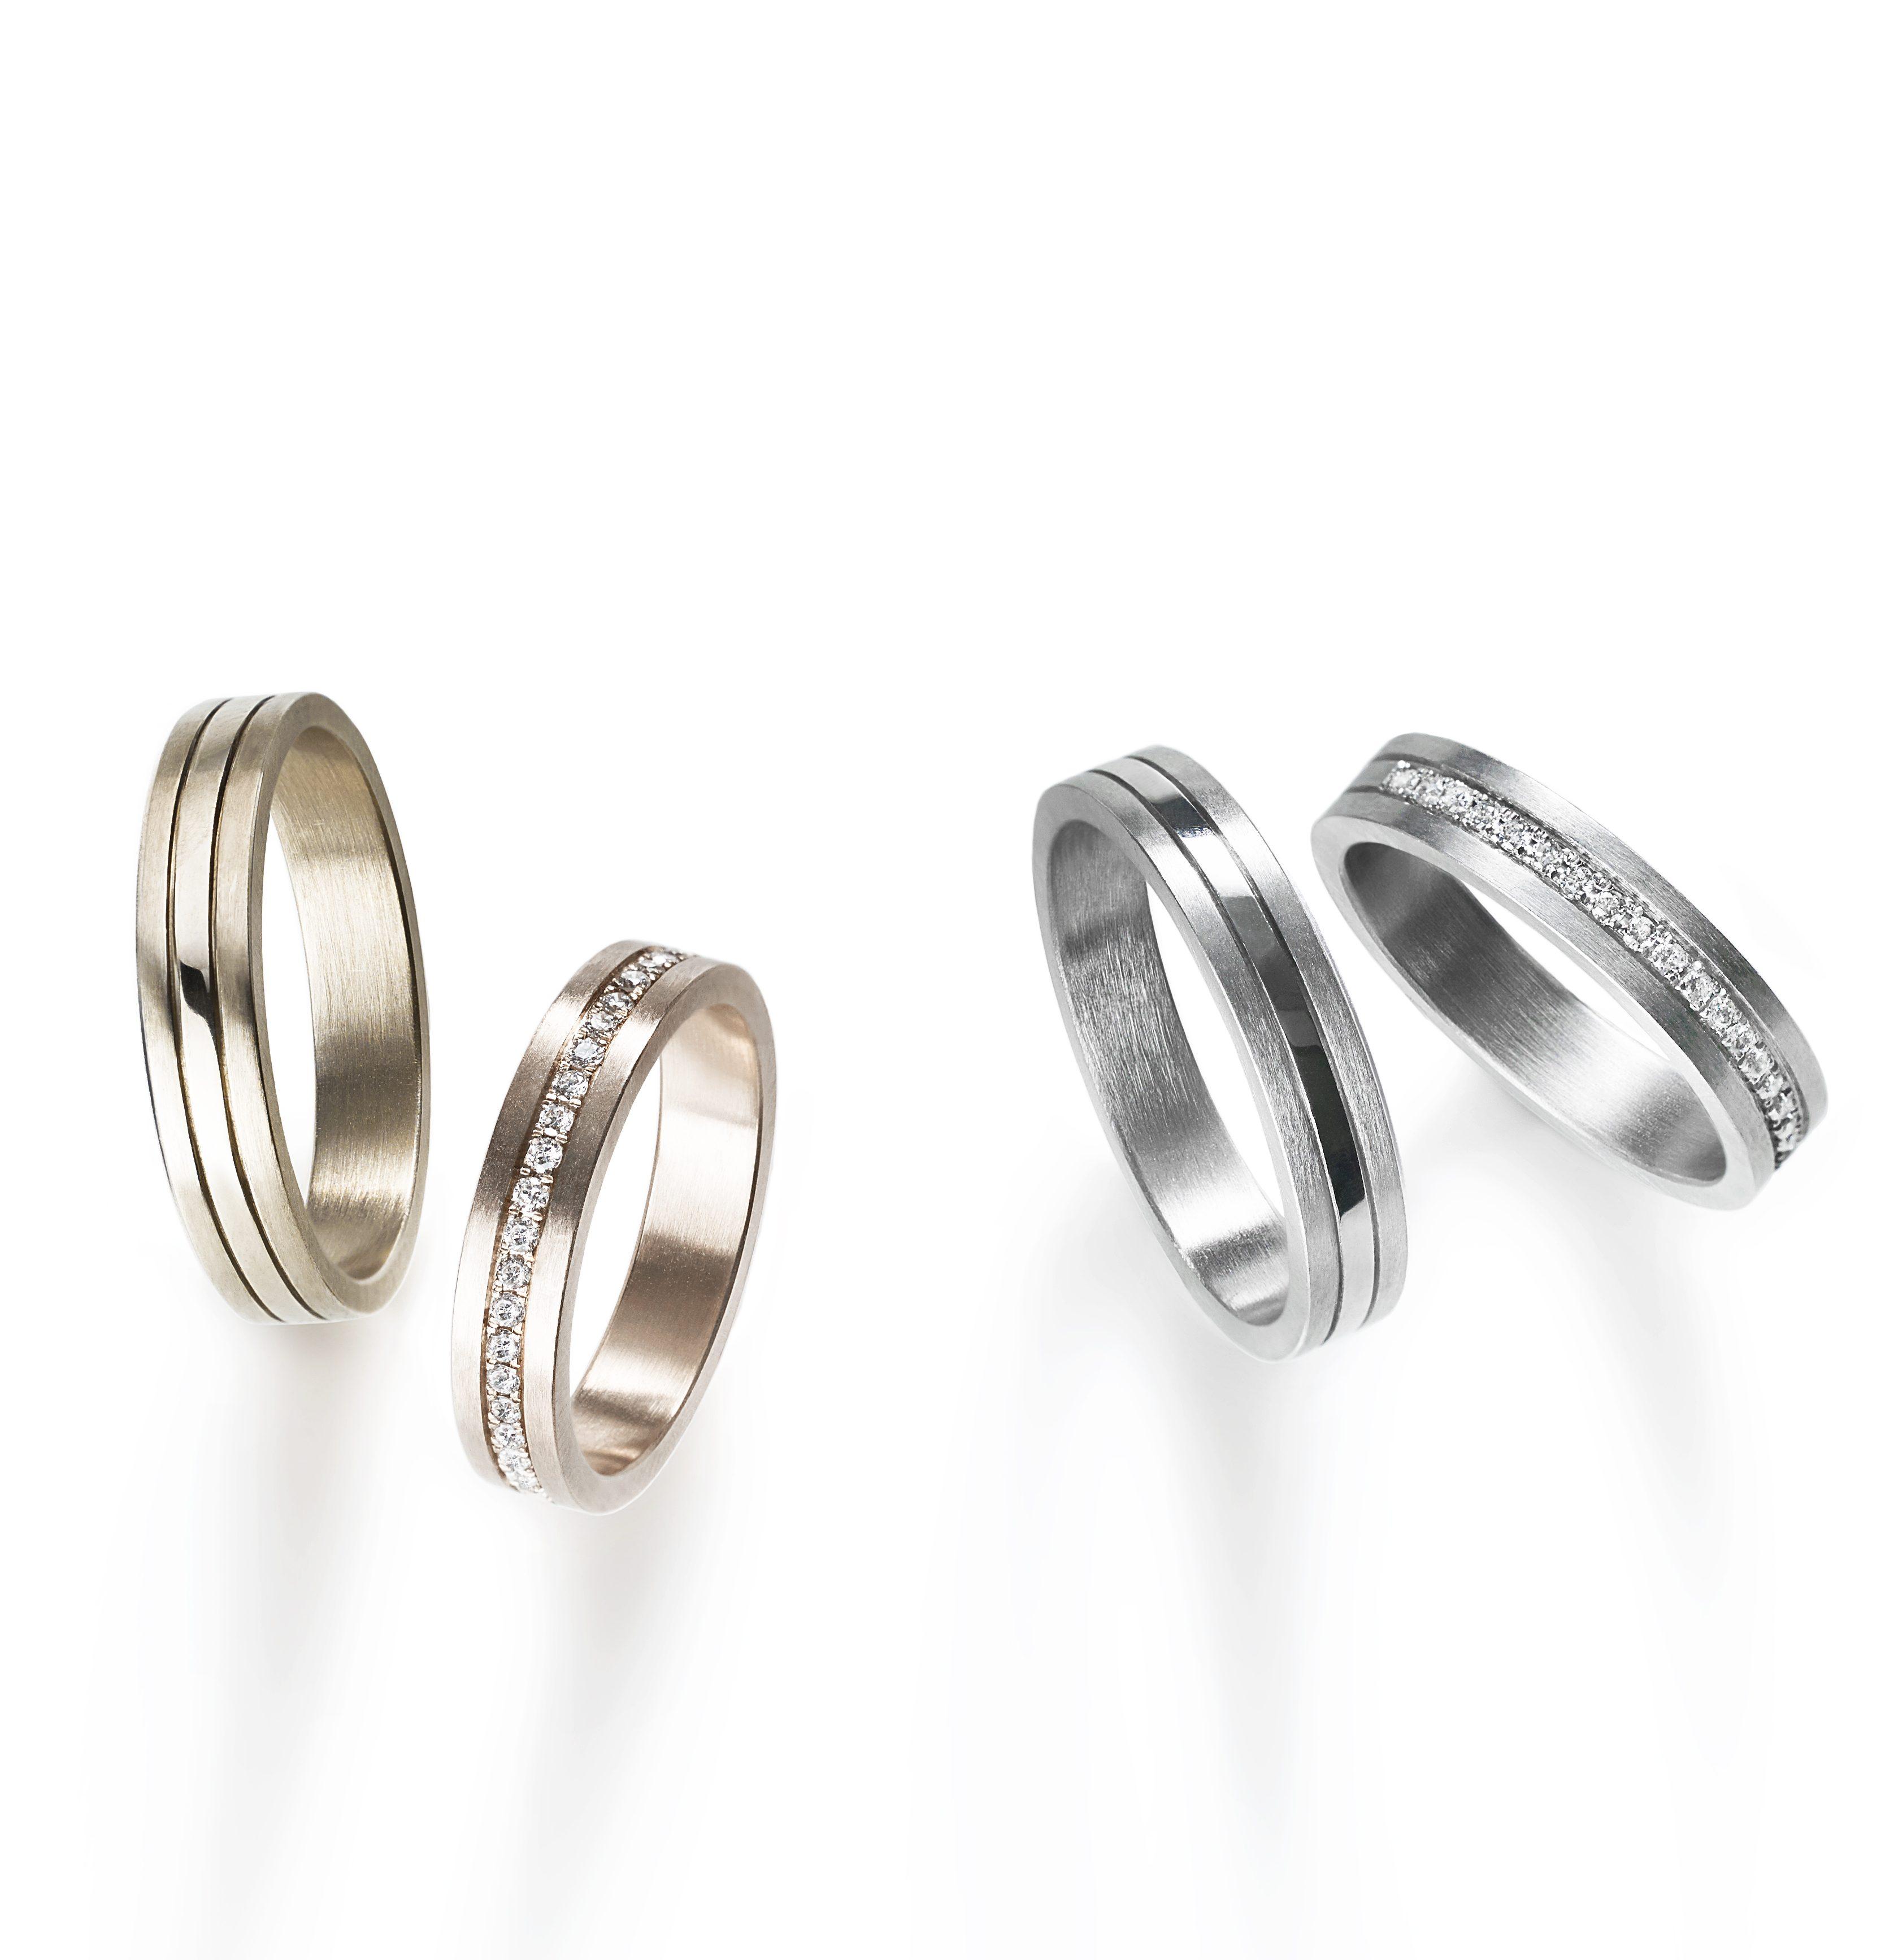 フェミニン,ゴージャス 結婚指輪のプラチナコンビネーションズリング